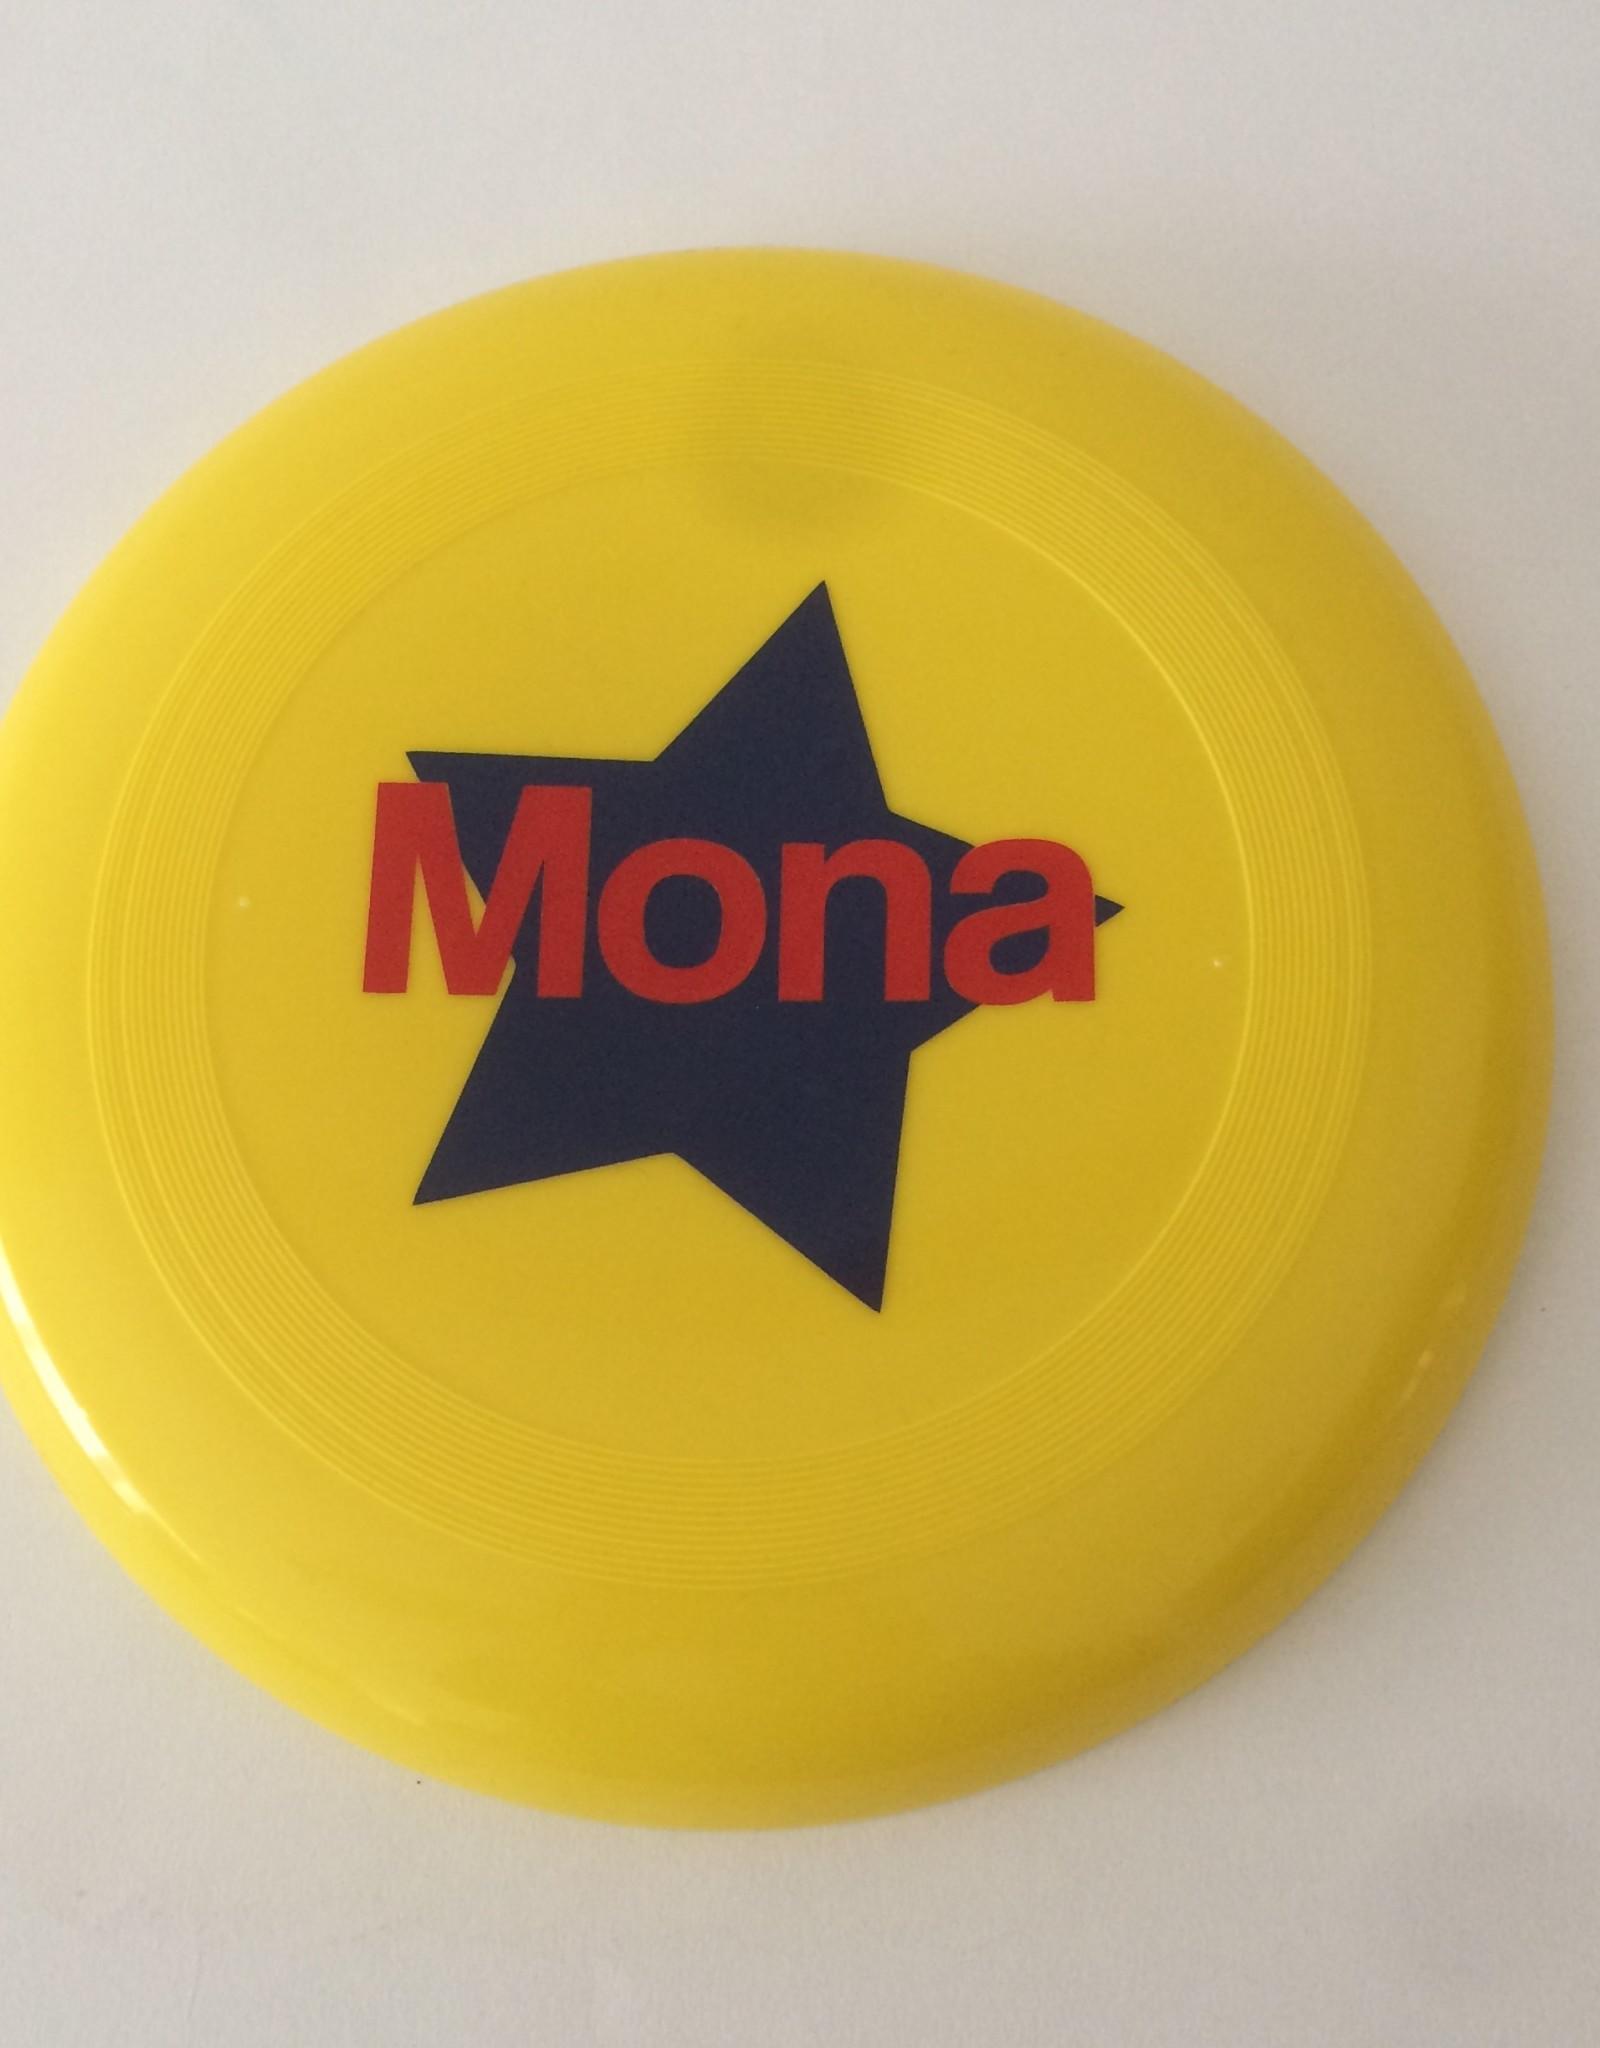 gepersonaliseerde frisbee geel